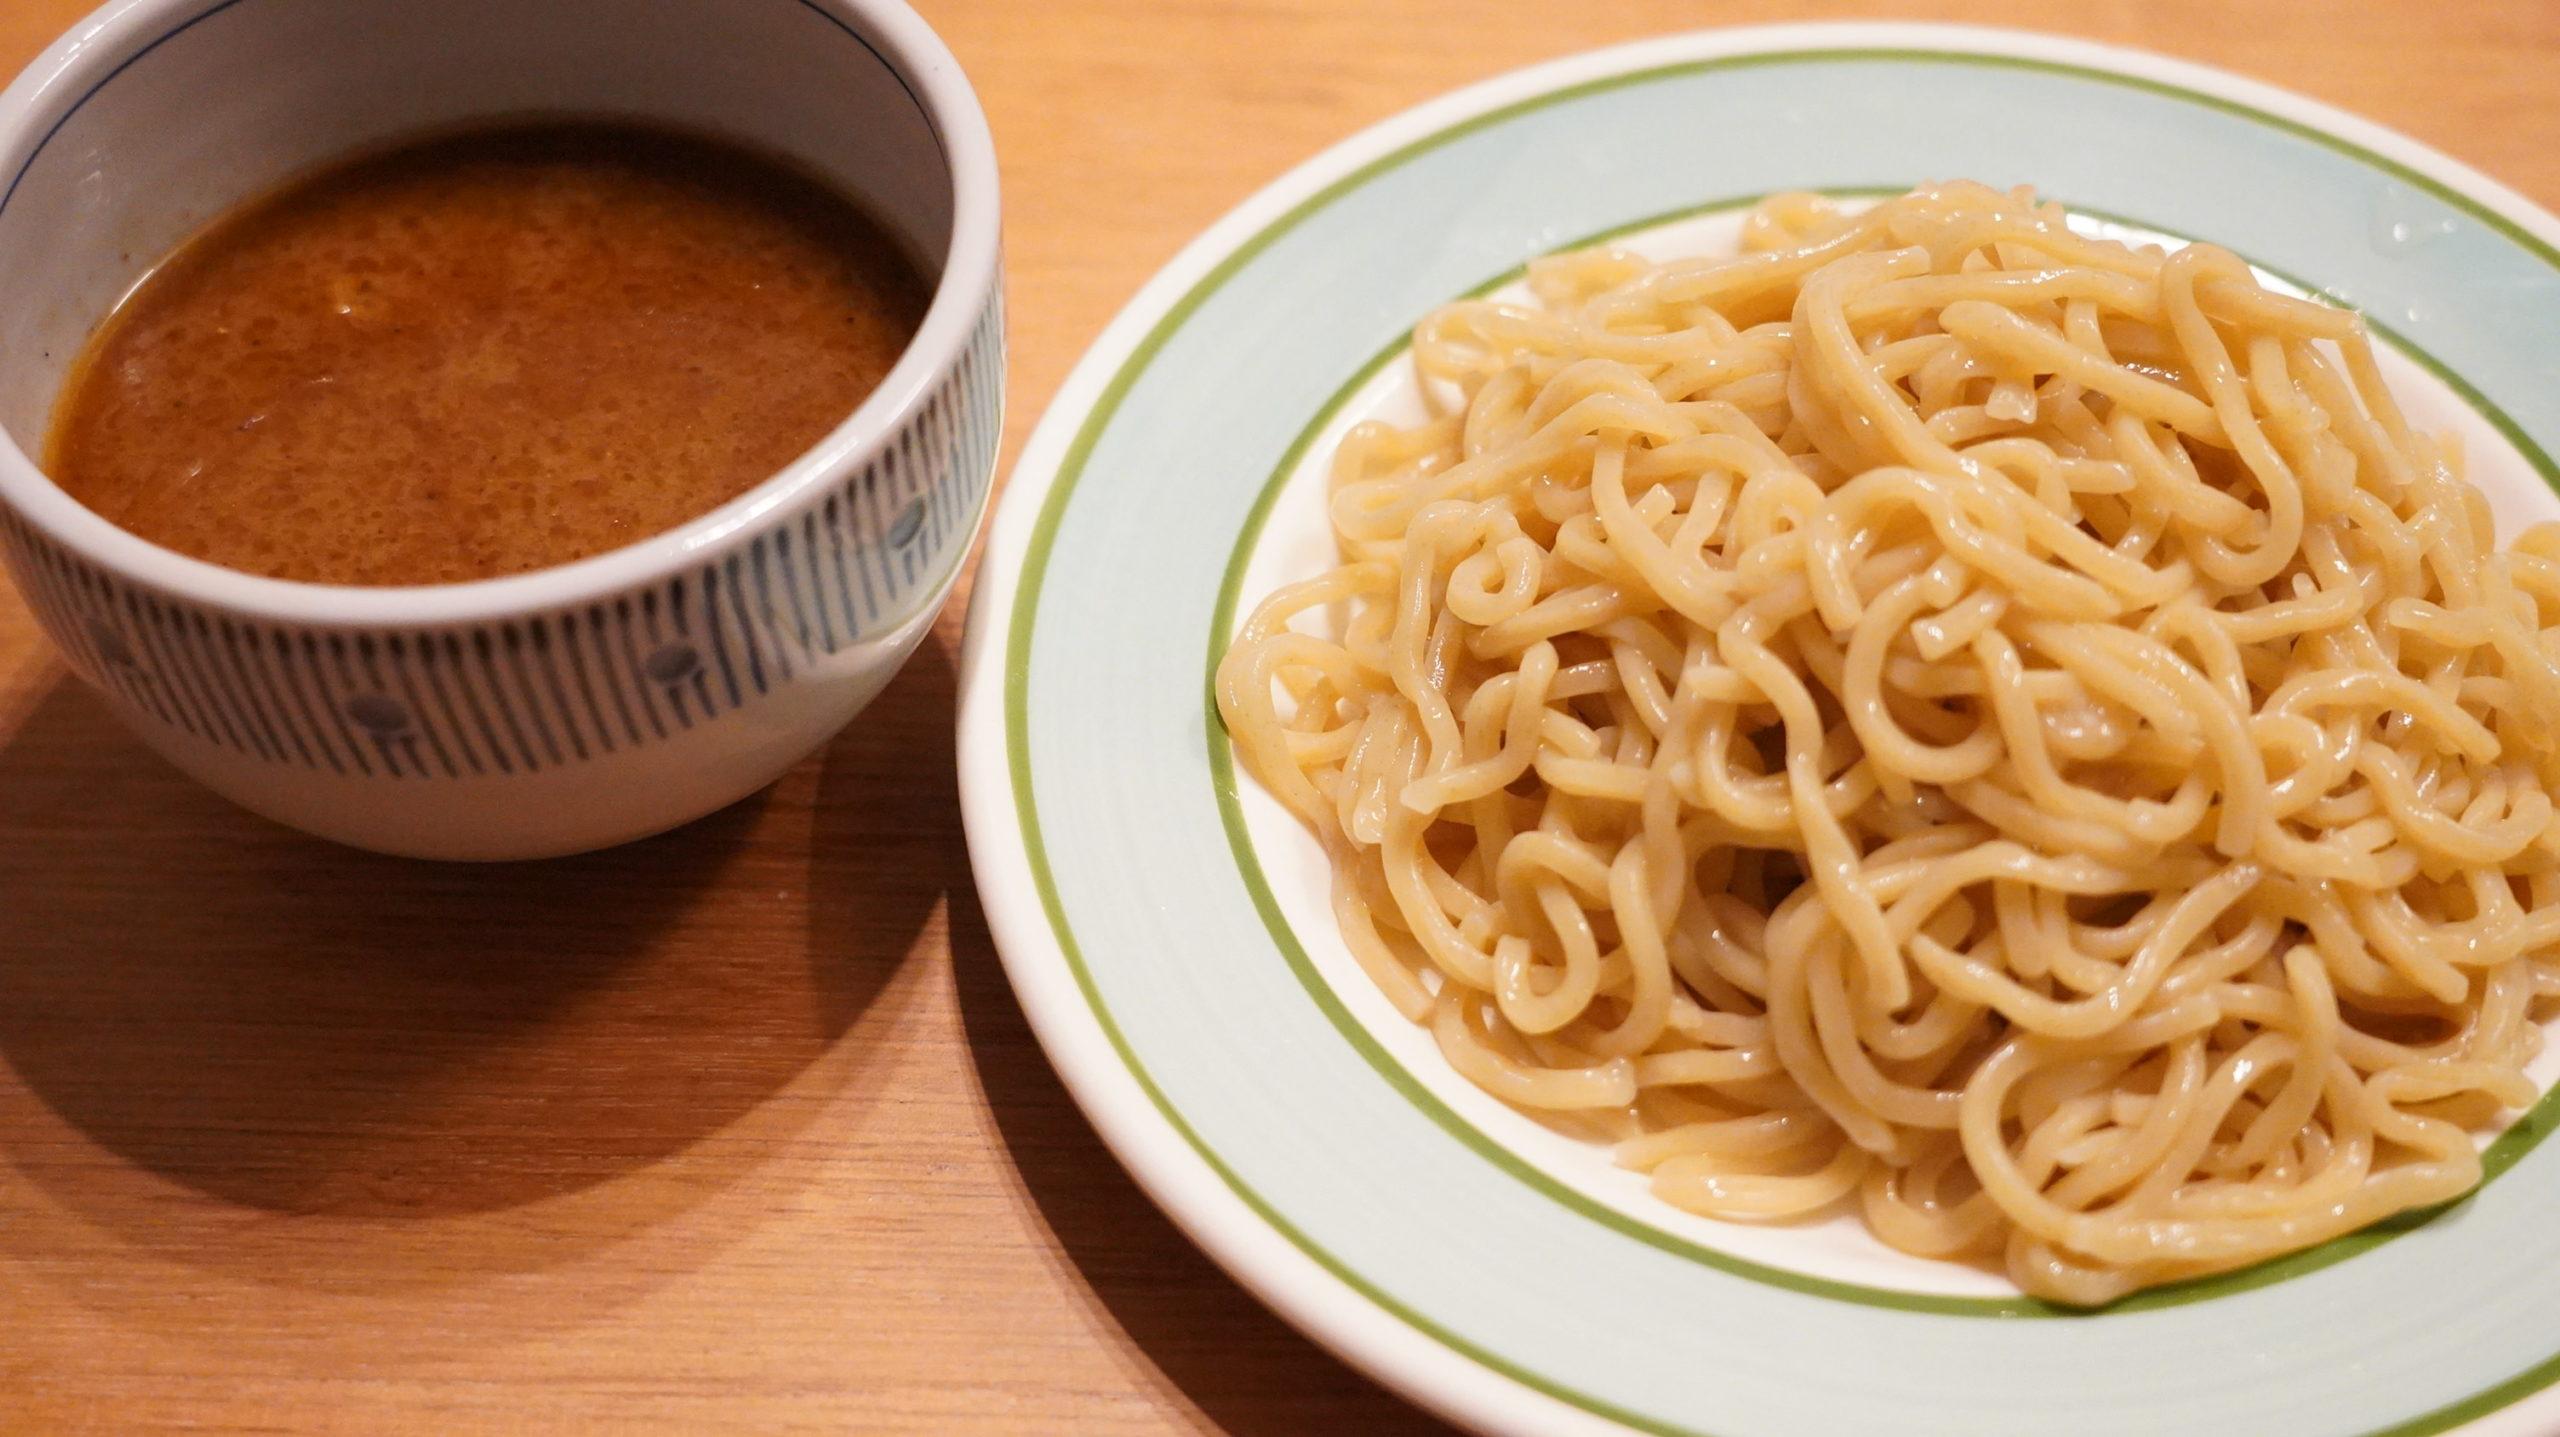 オンライン通販で注文した三田製麺所の「冷凍つけ麺」のスープと麺を皿に盛り付けた写真